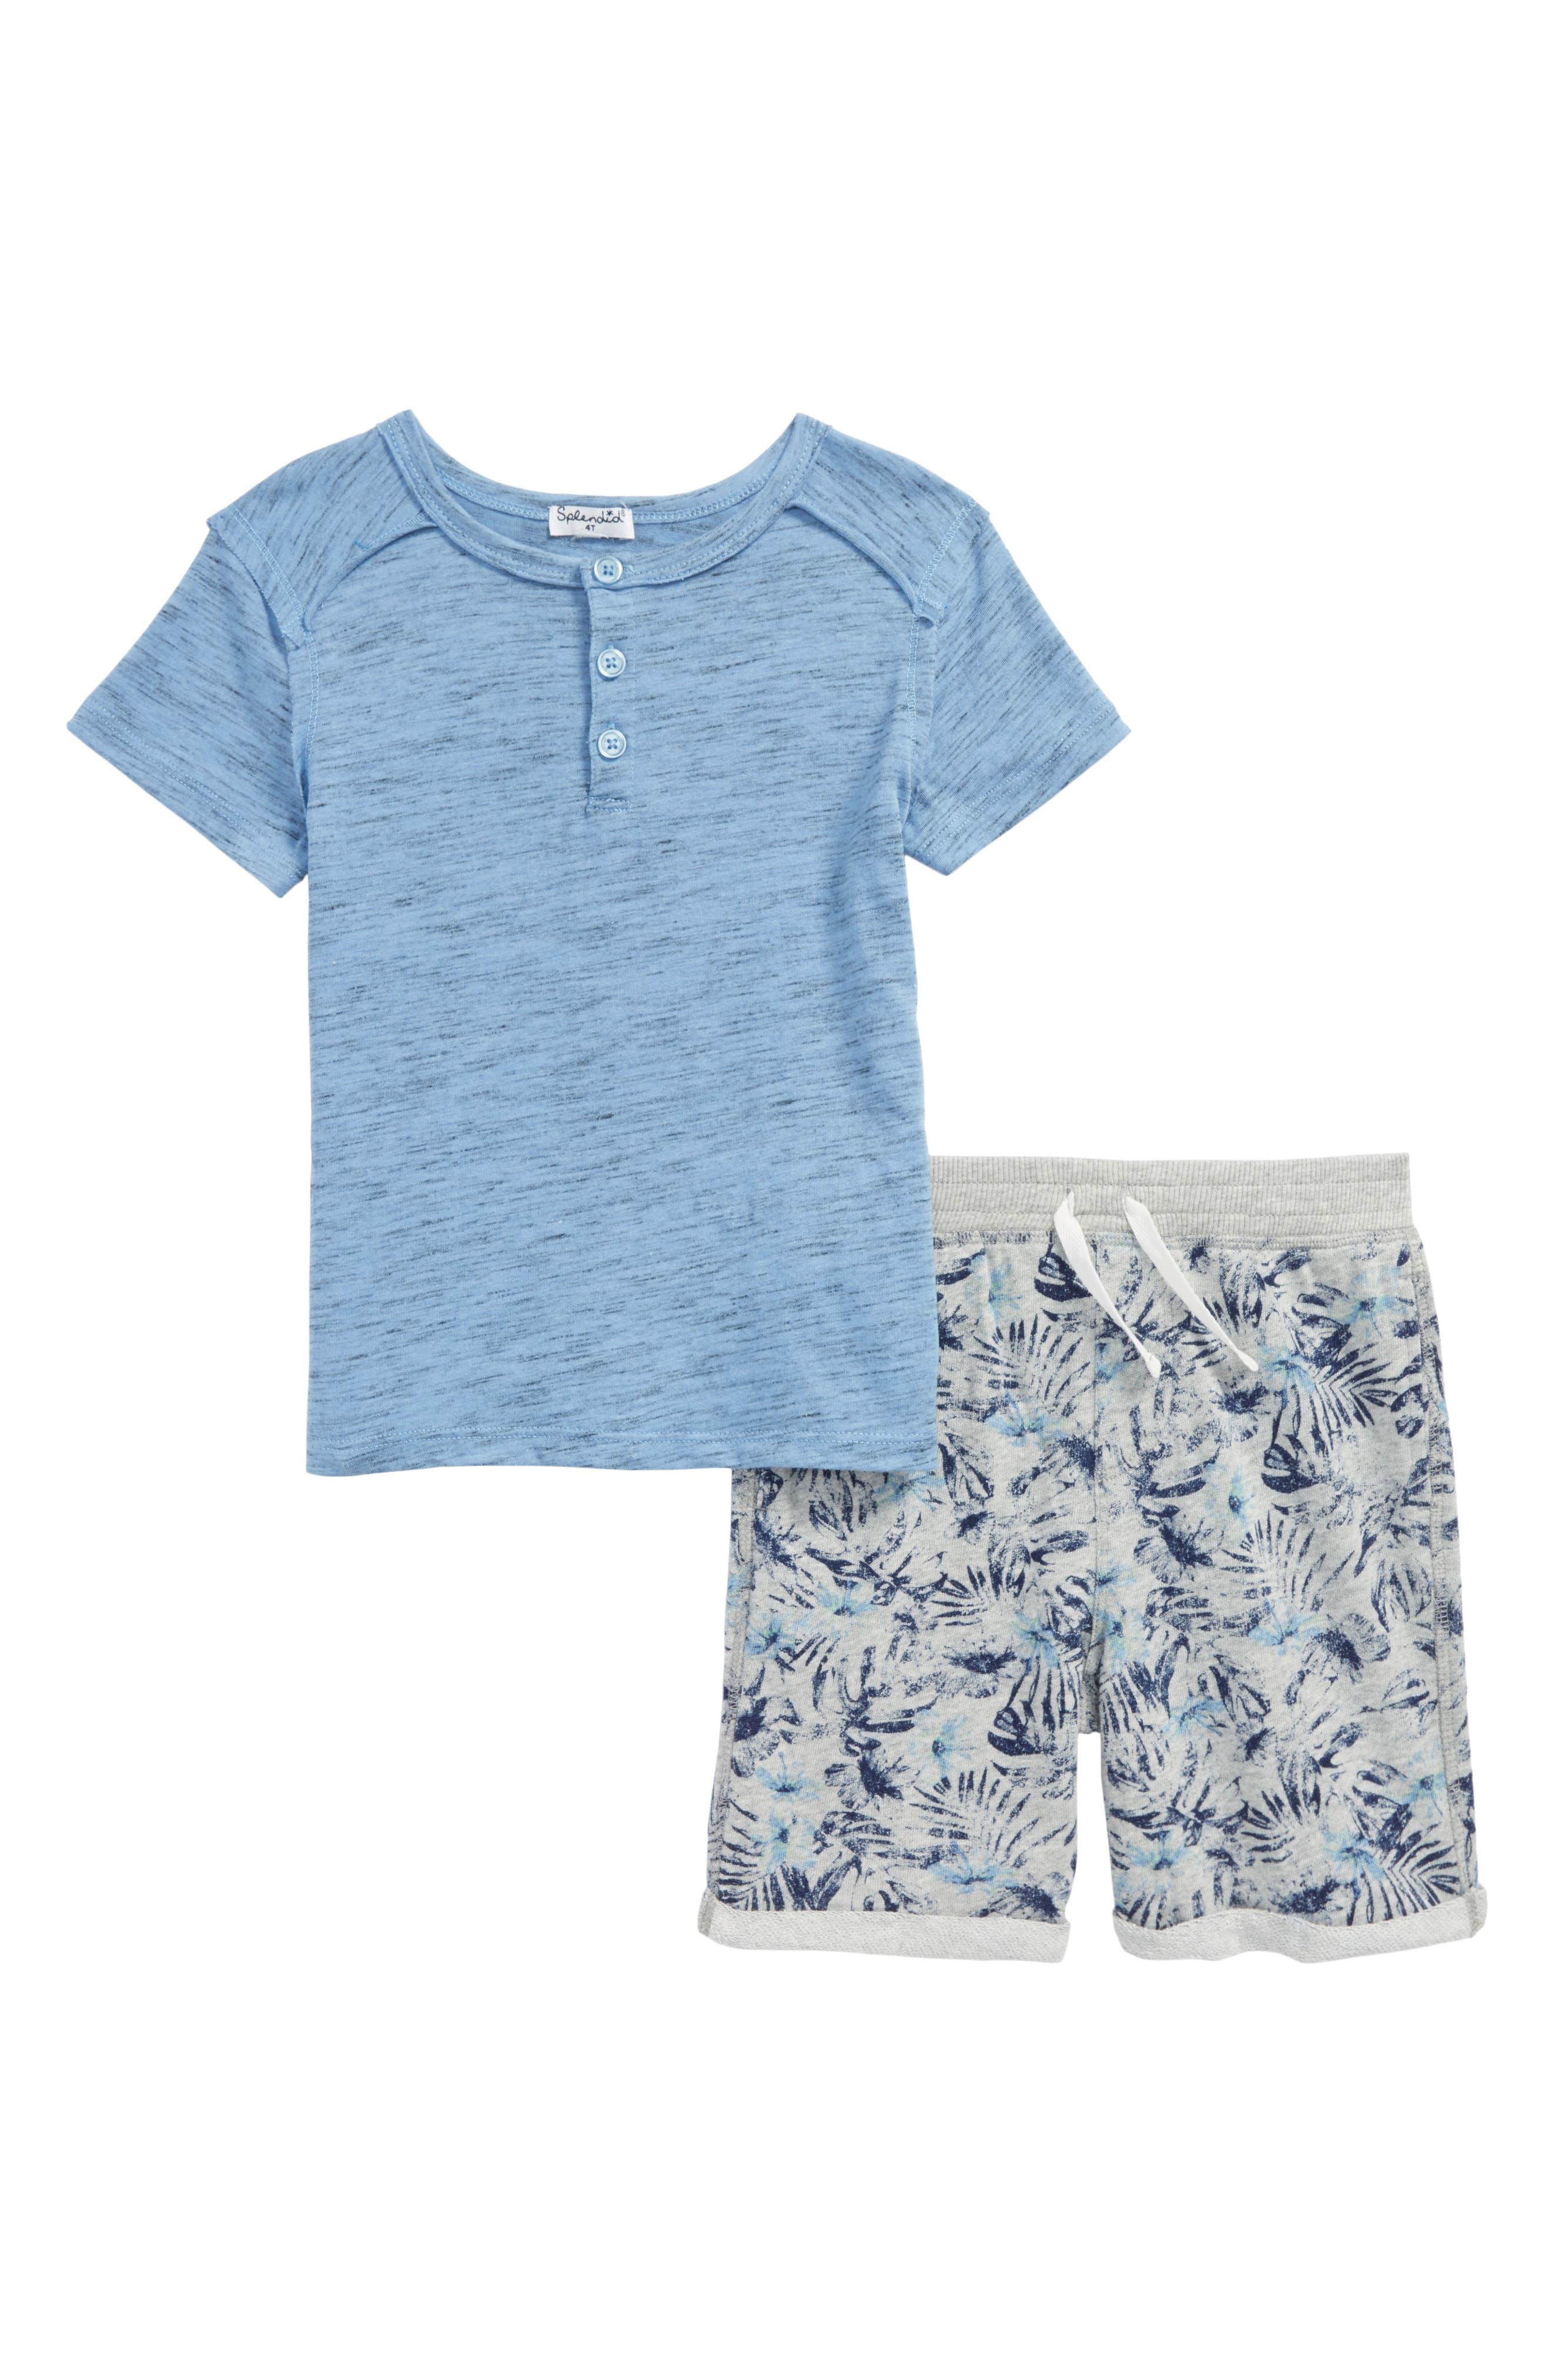 Henley T-Shirt & Shorts Set,                             Main thumbnail 1, color,                             By Water